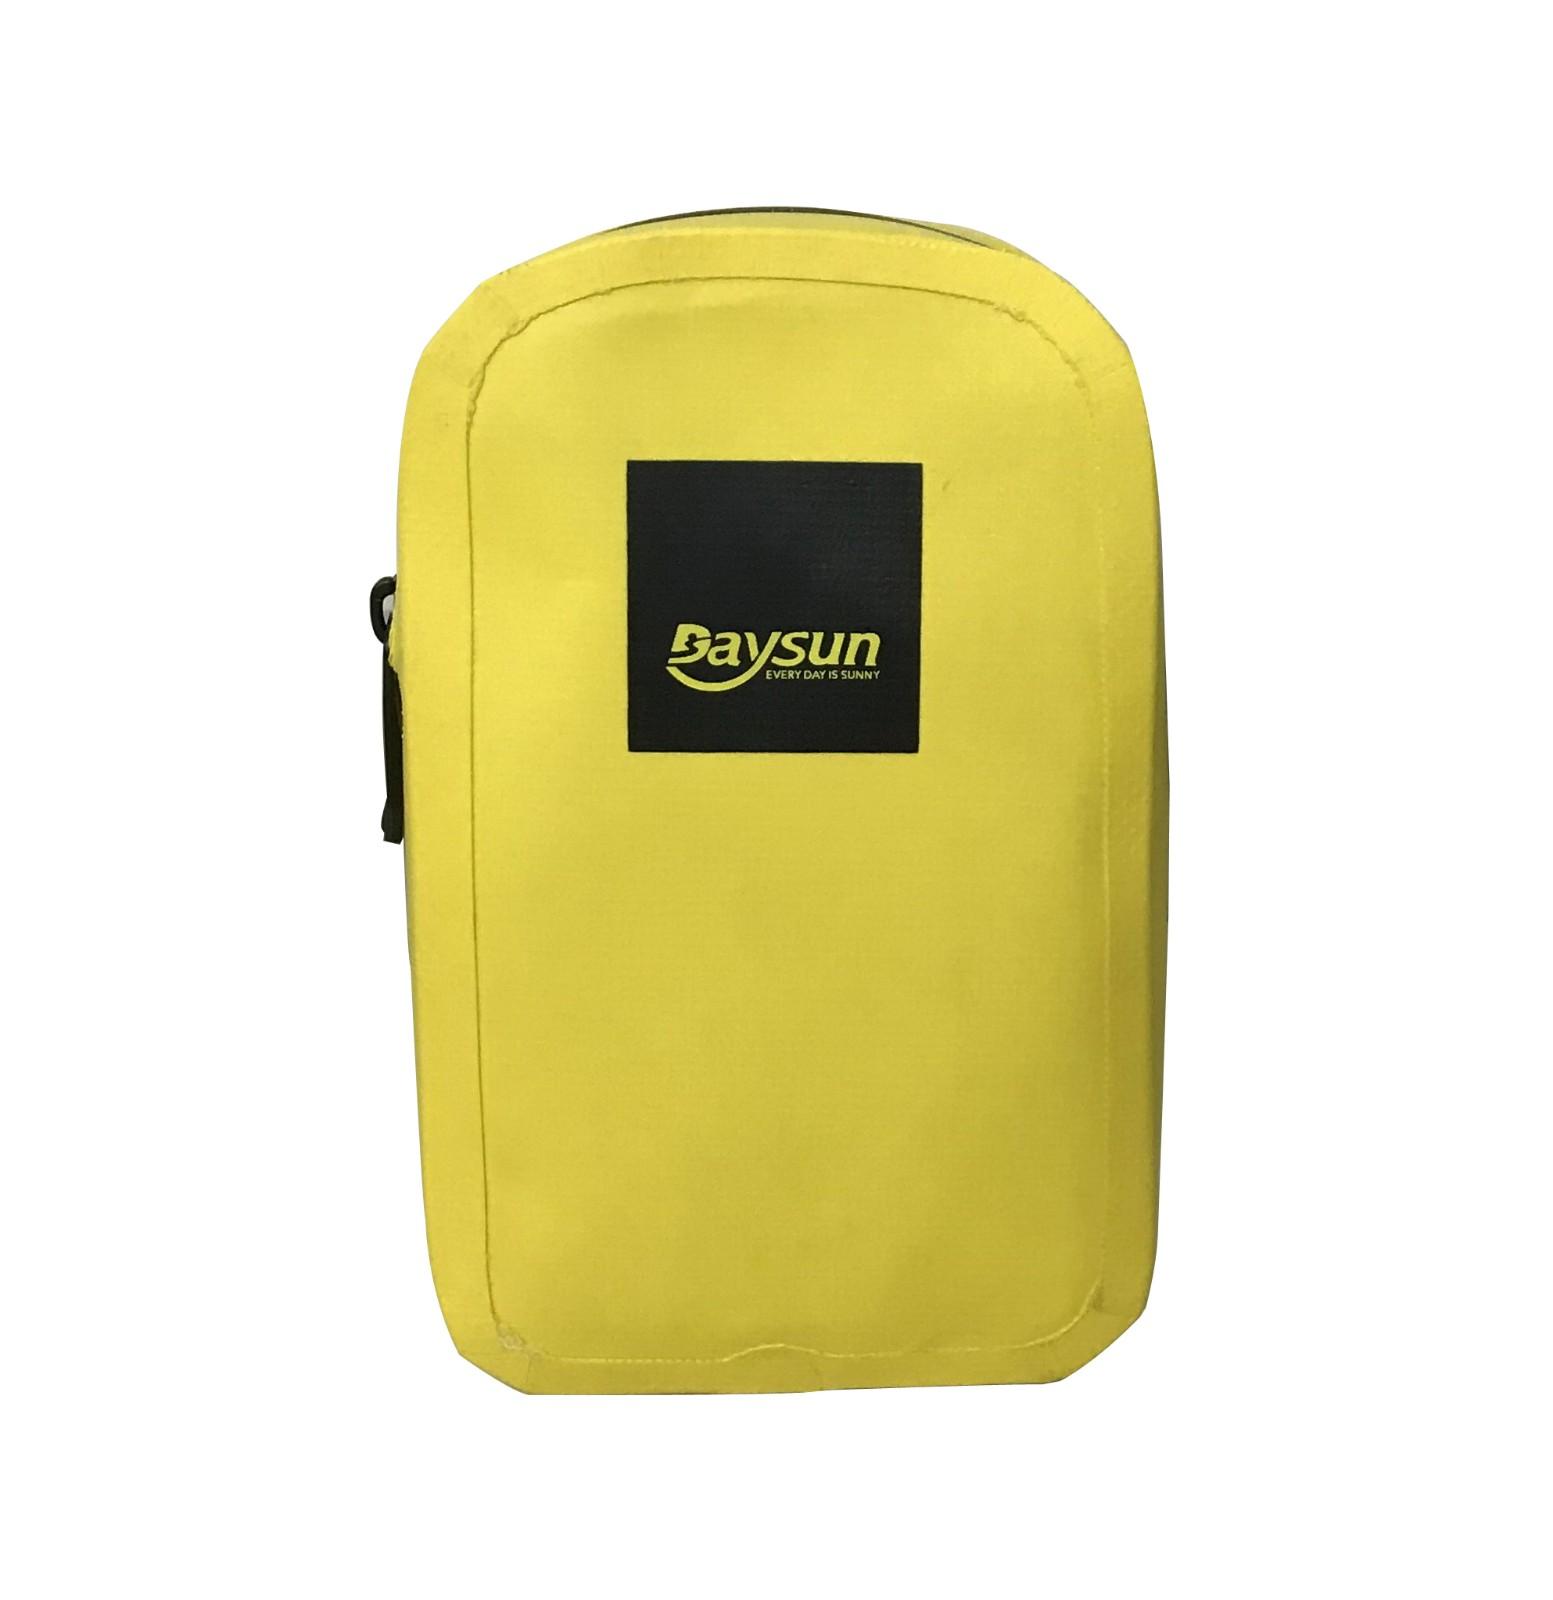 Waterproof Phone Case Dry Bag